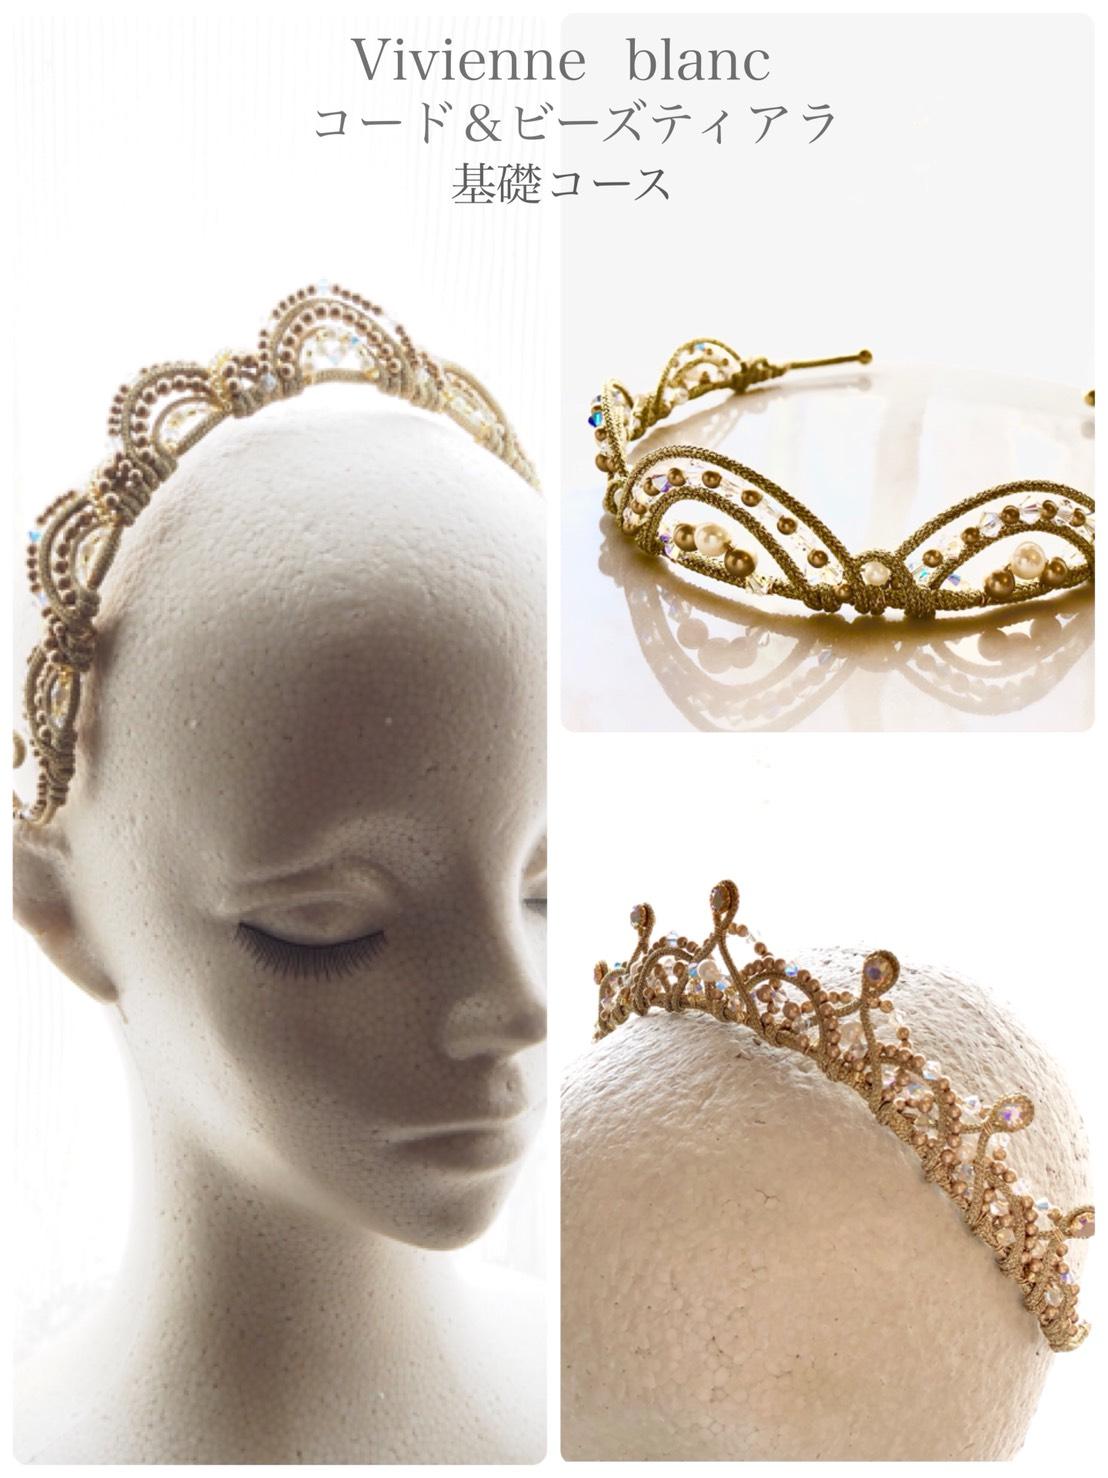 New Ballet Tiara Corde & Beads